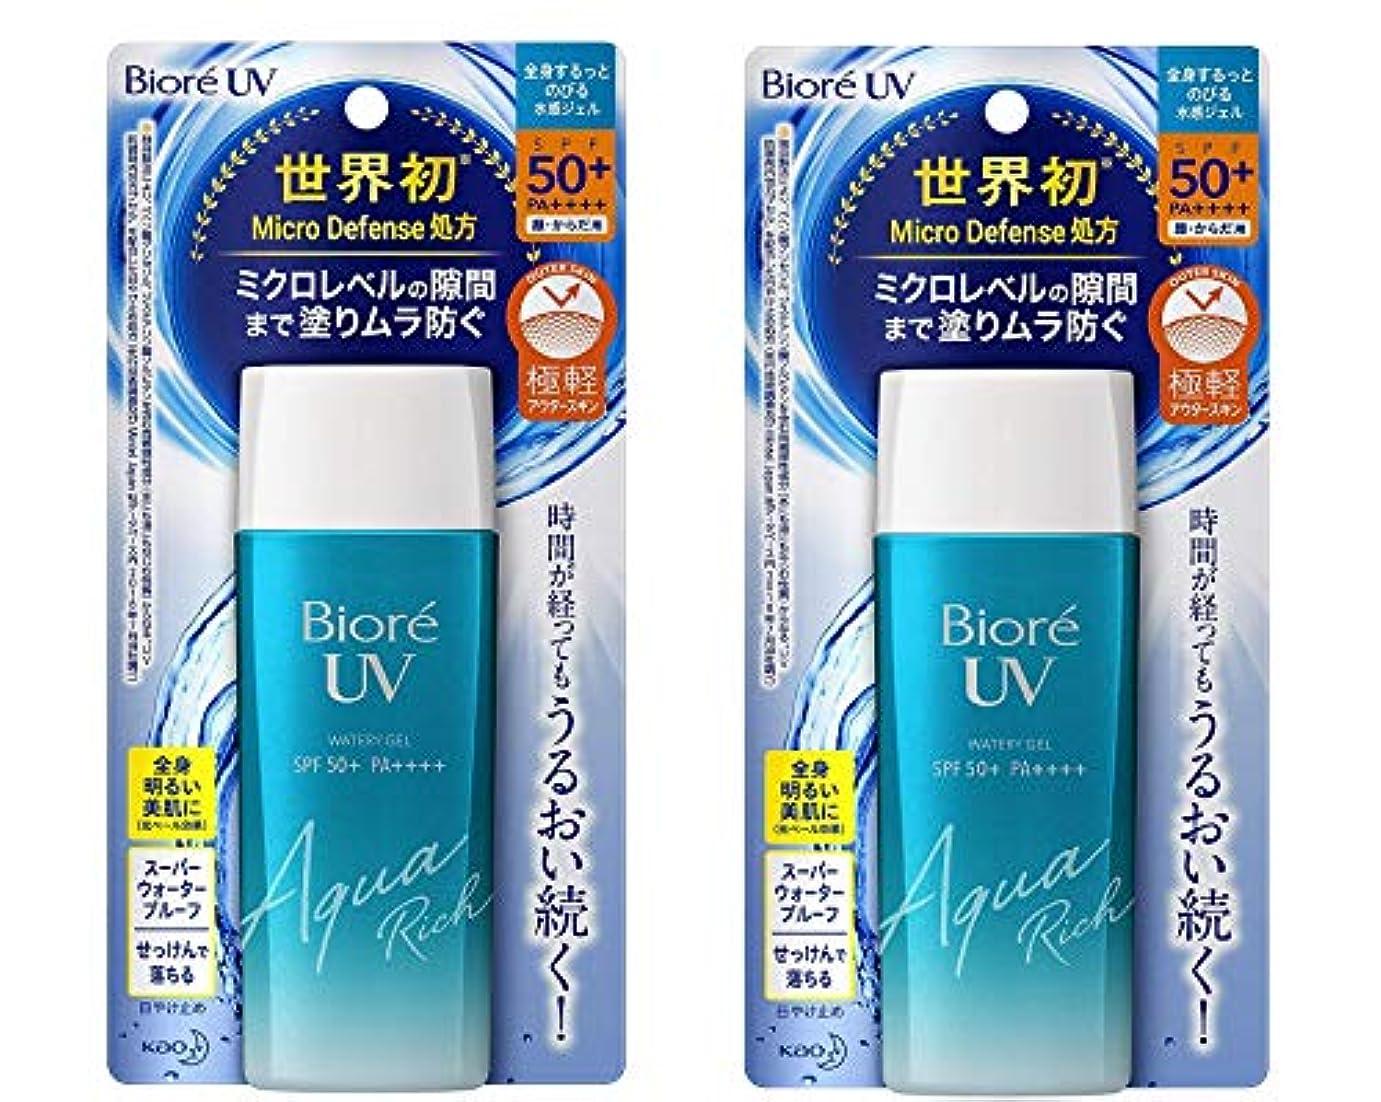 配列荒廃する大学【まとめ販売2個セット】ビオレ UV アクアリッチ ウォータリージェル SPF50+